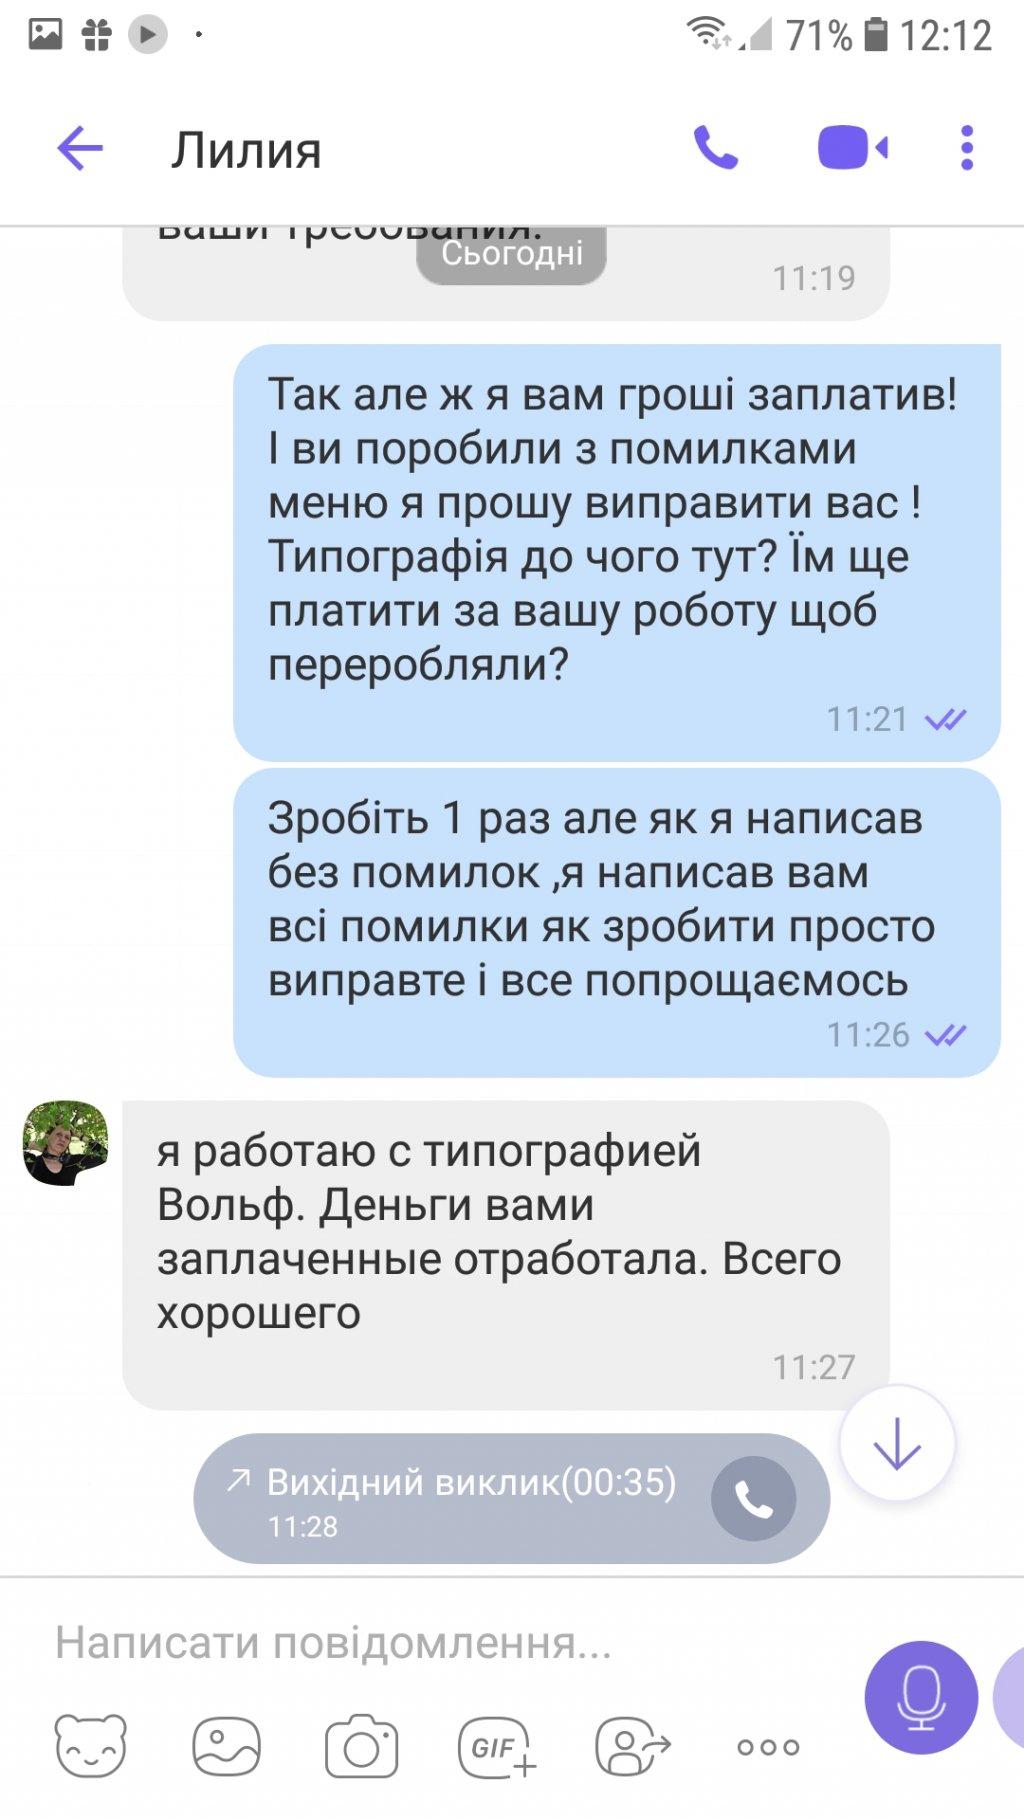 Вольф оставить отзыв найти девушке работу в москве